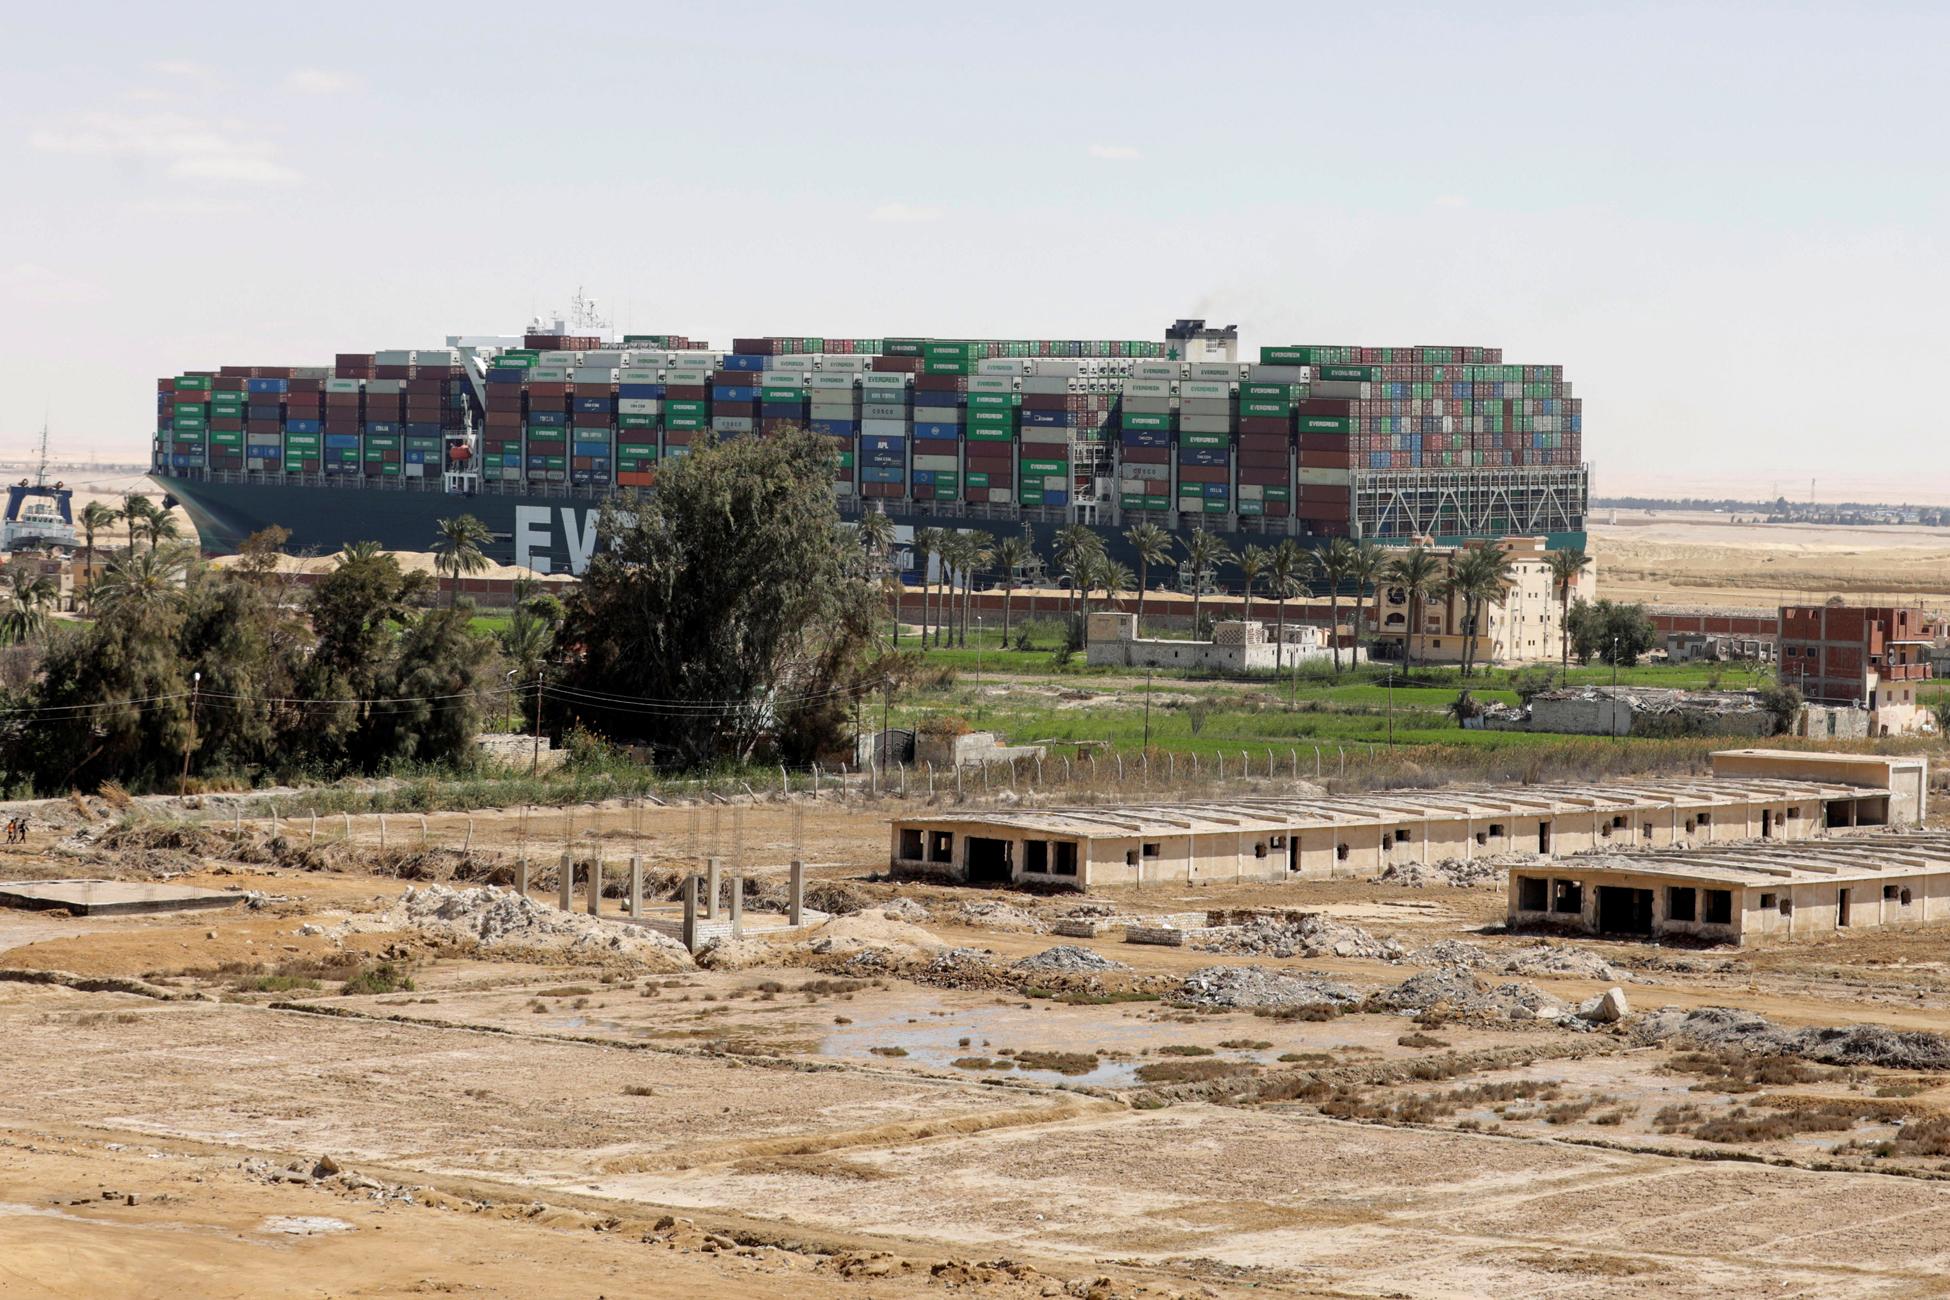 Διώρυγα Σουέζ: Θα χρειαστούν μέρες για να περάσουν όλα τα καράβια – Πονοκέφαλος για τα εμπορεύματα